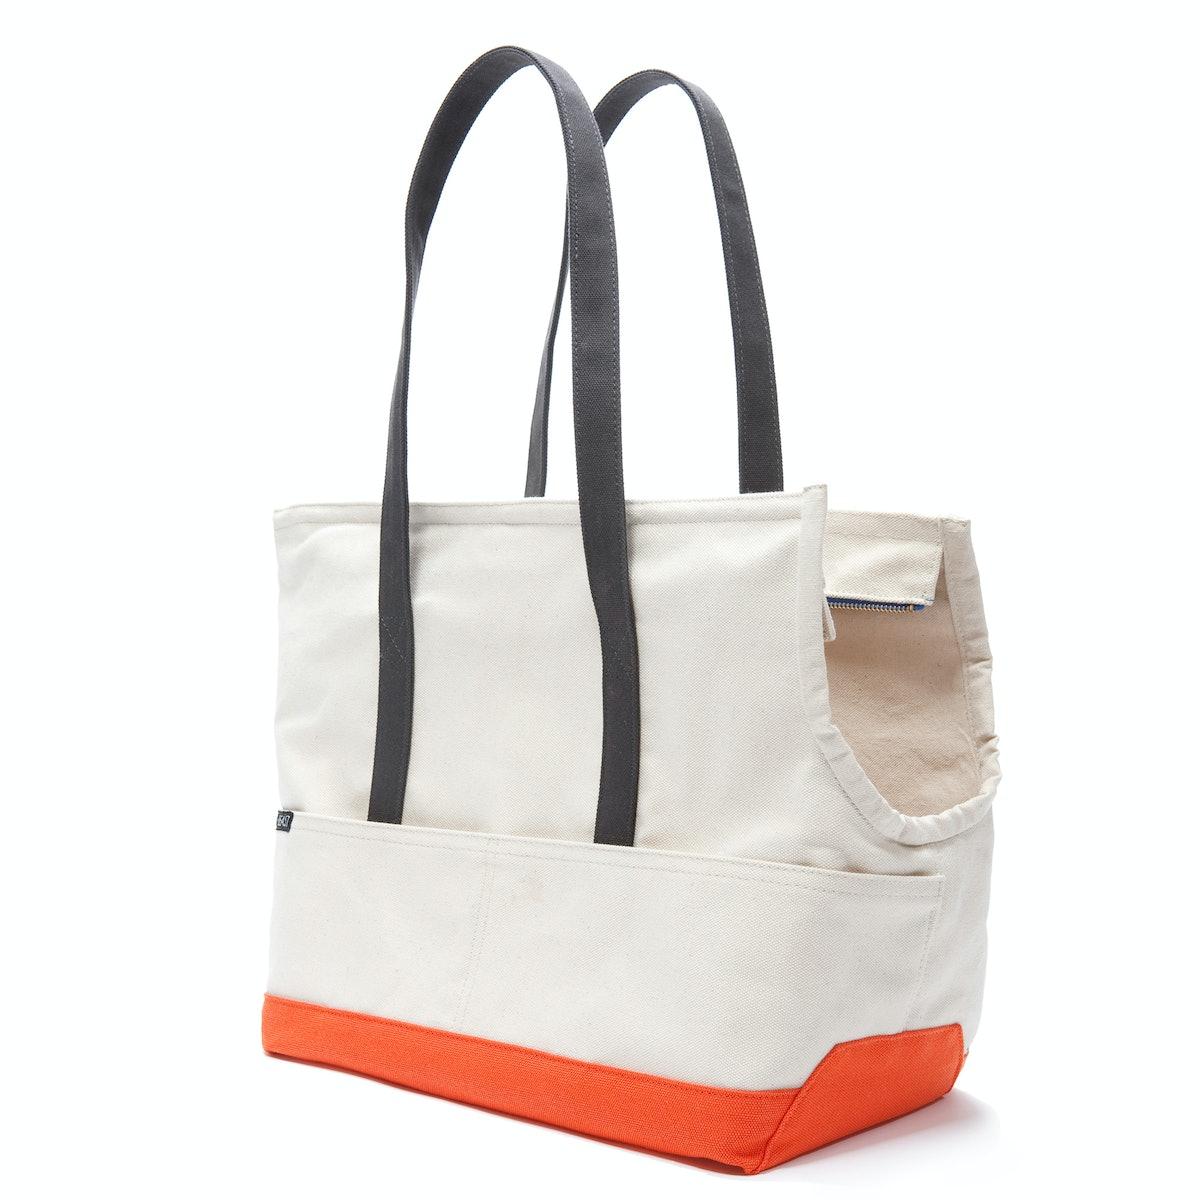 LoveThyBeast tote bag